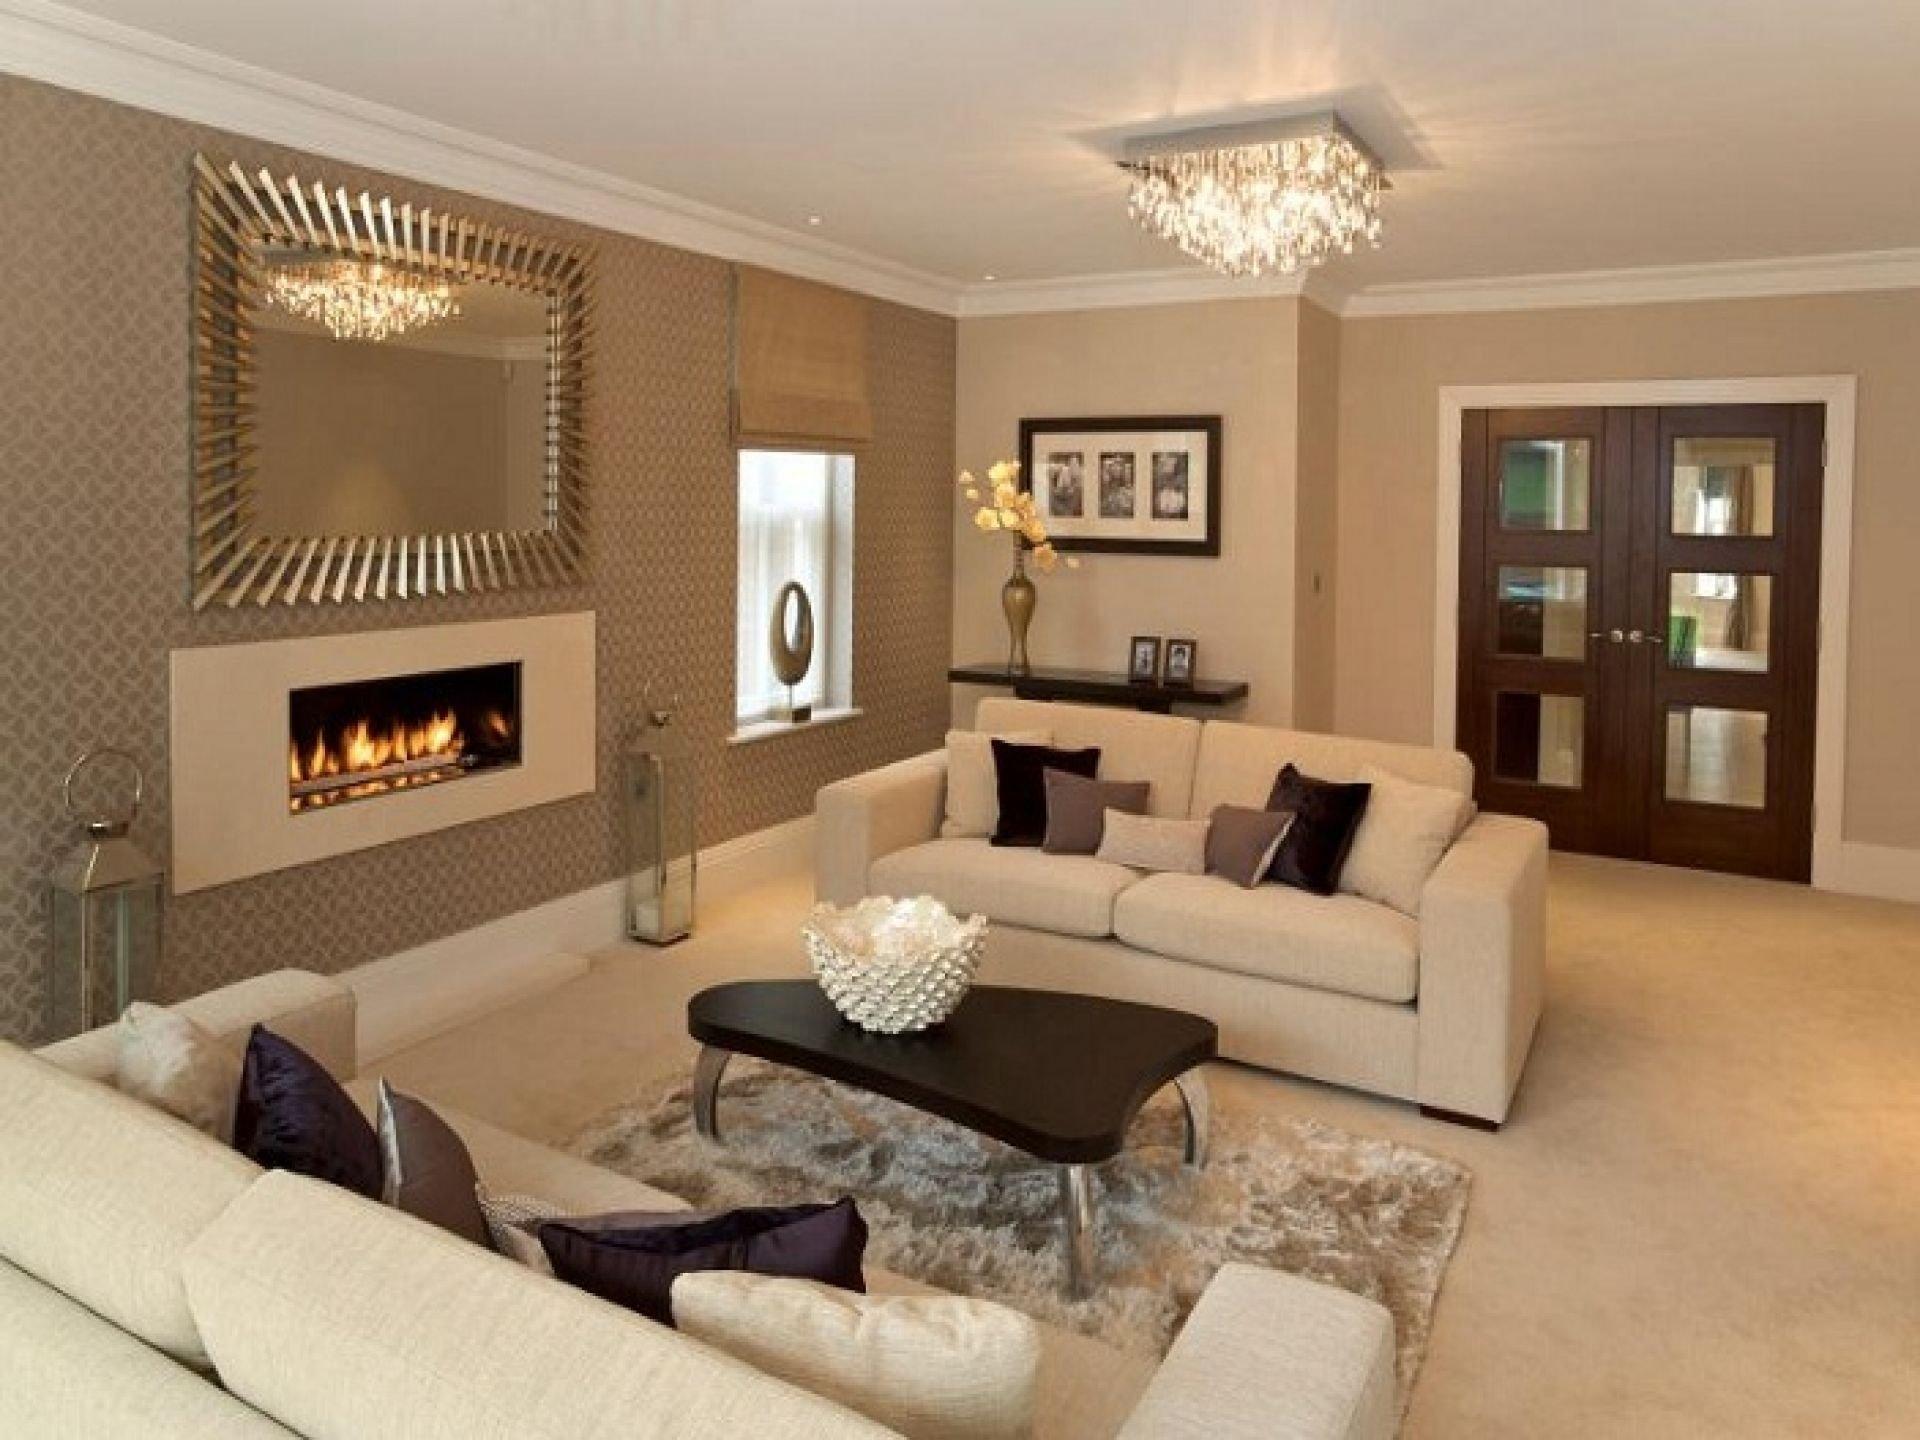 10 Unique Paint For Living Room Ideas 15 exclusive living room ideas for the perfect home brown paint 1 2020